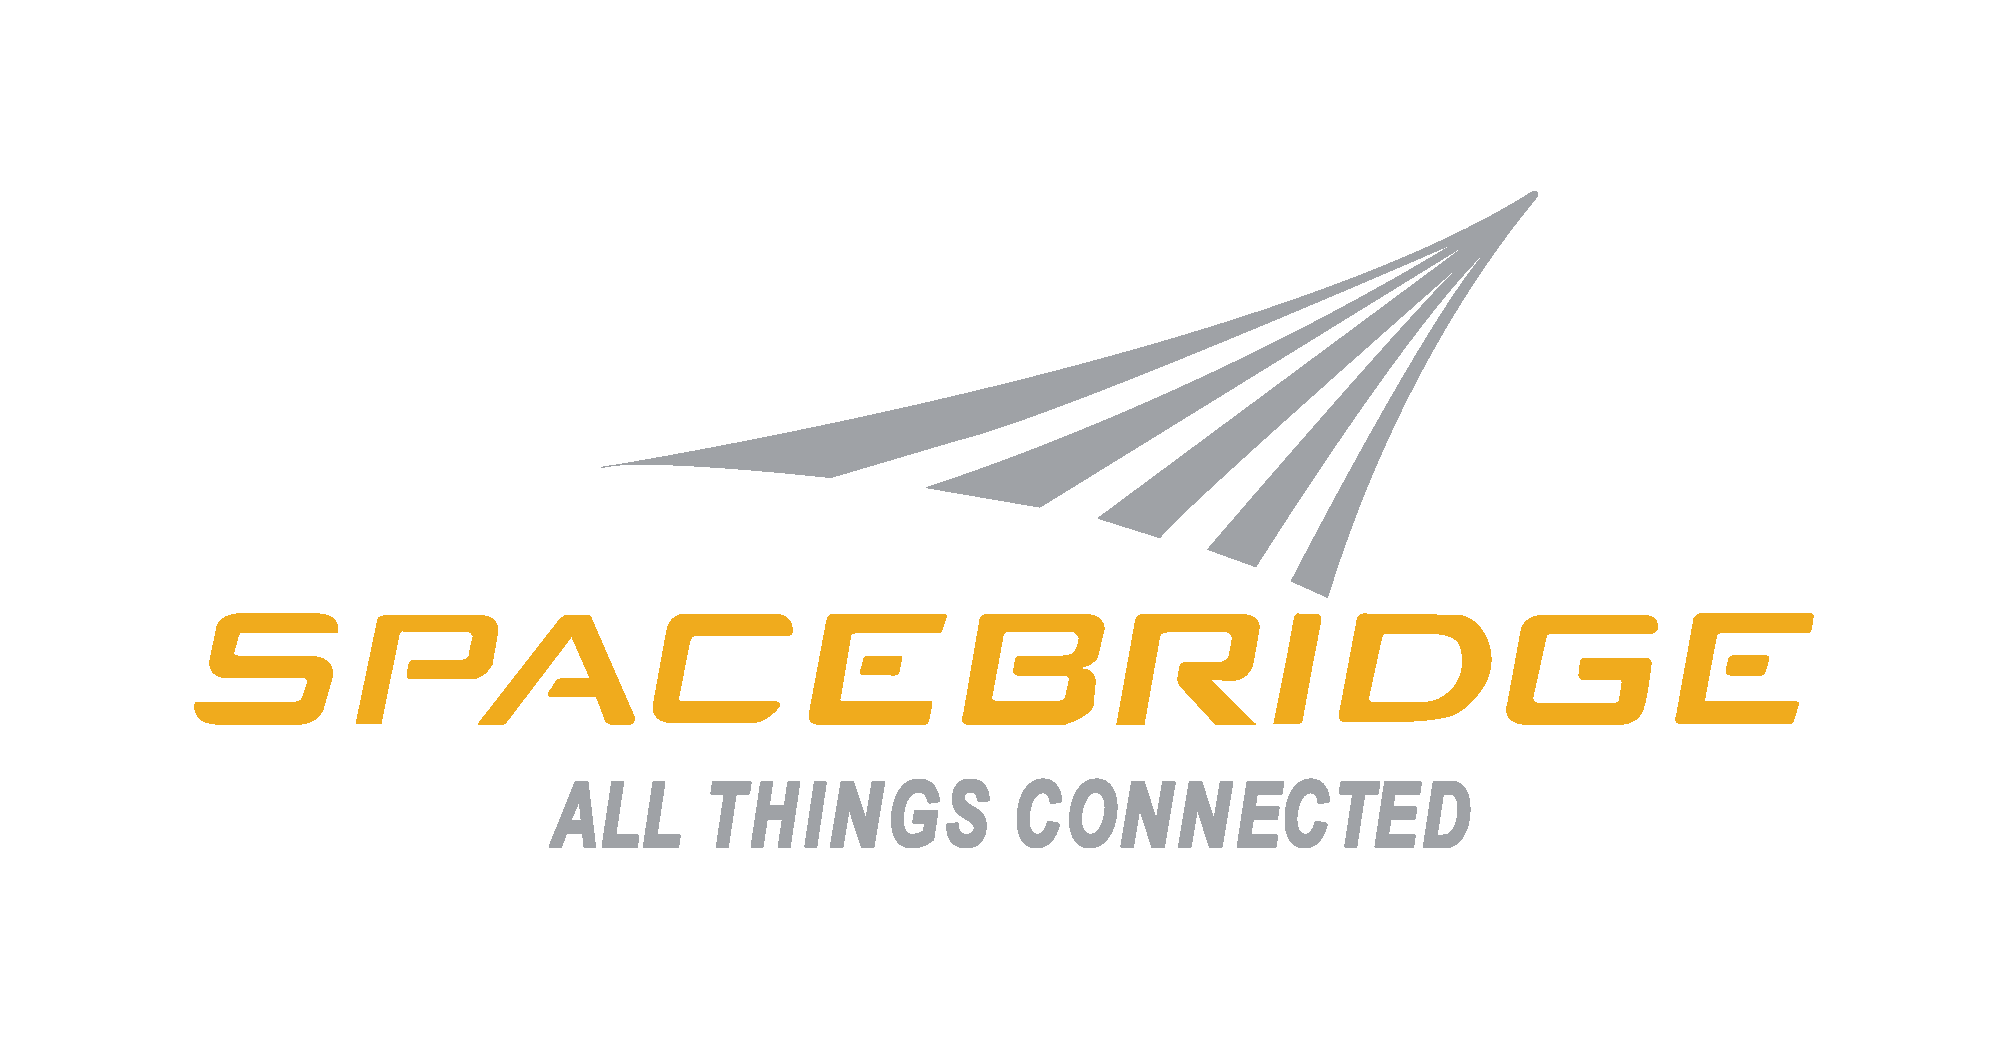 Asatnet SpaceBridge